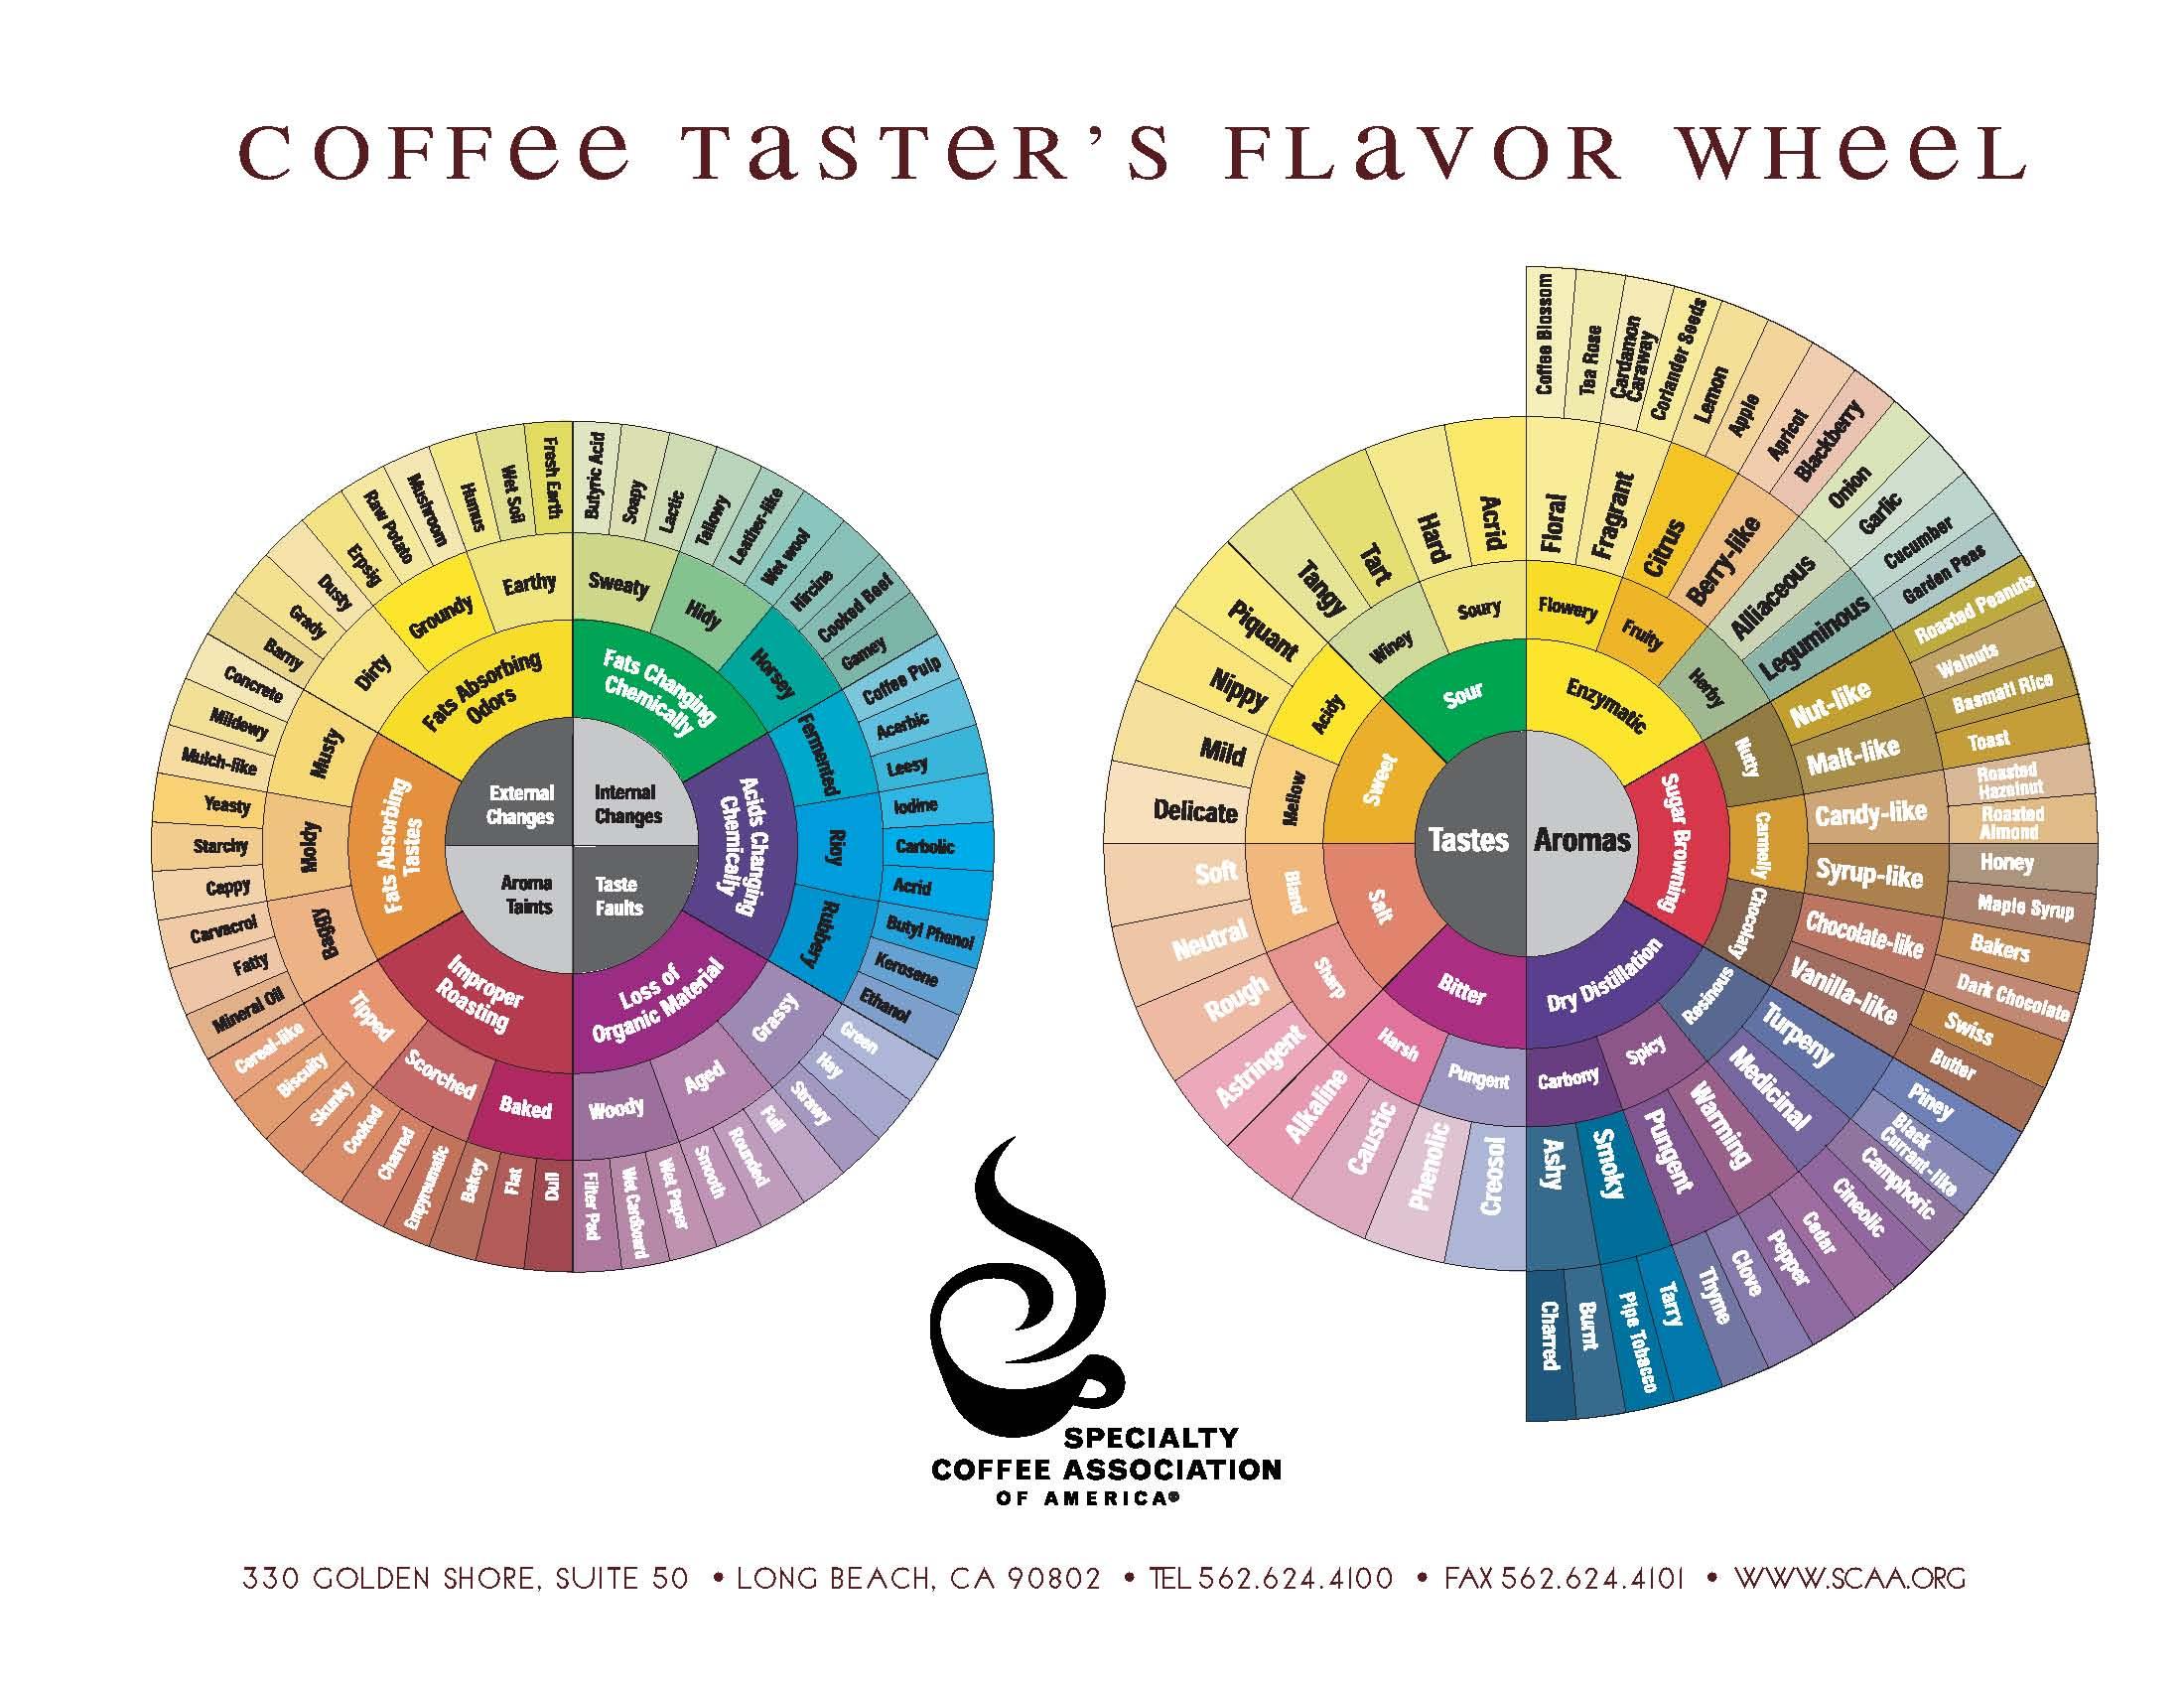 コーヒー初心者が覚えておくべき5つの味基準